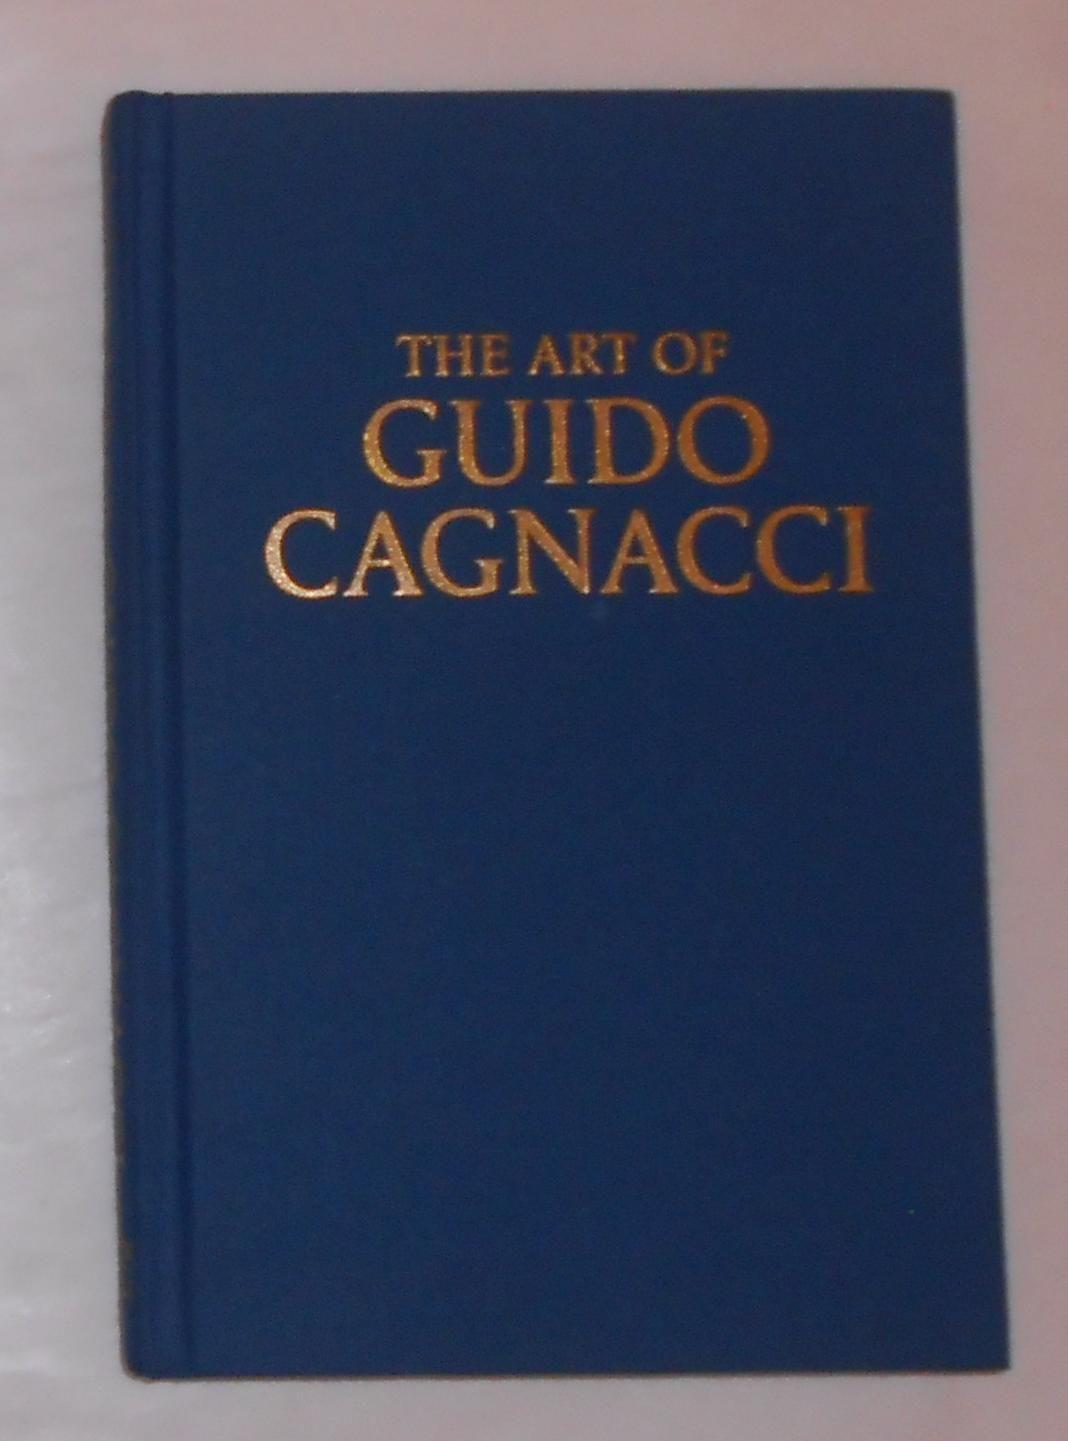 The Art of Guido Cagnacci